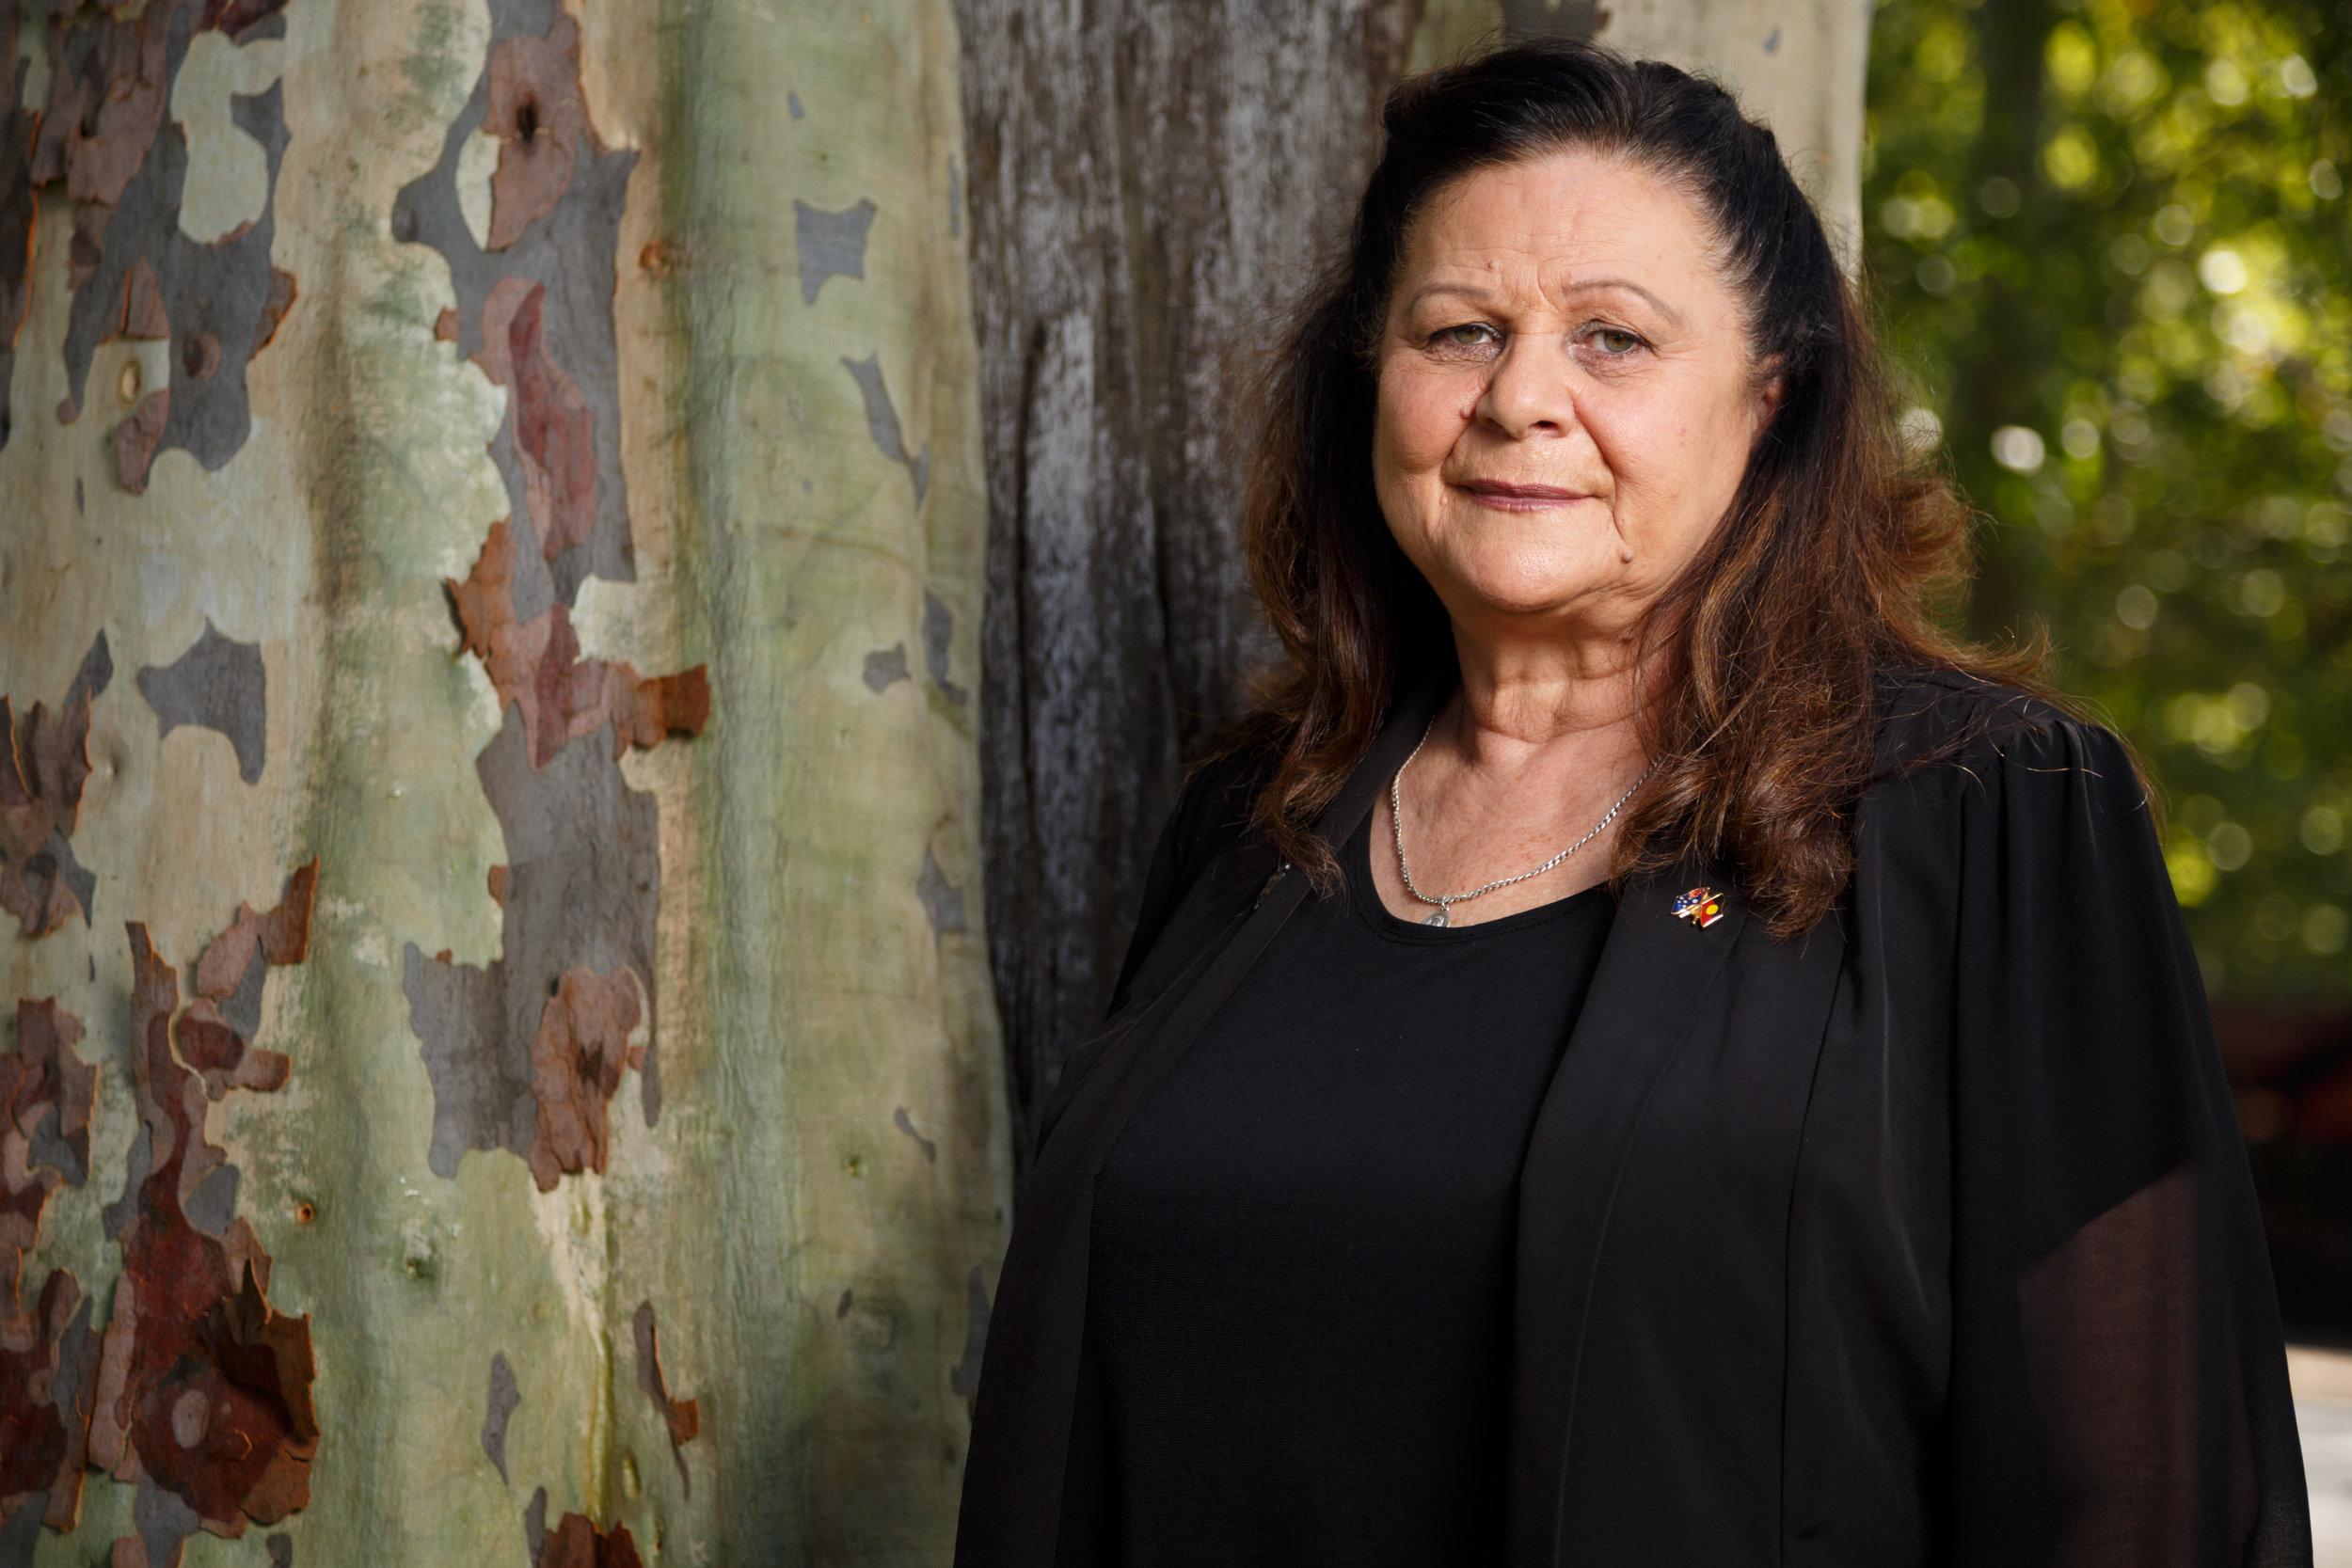 Victorian Treaty Advancement Commissioner Jill Gallagher AO.